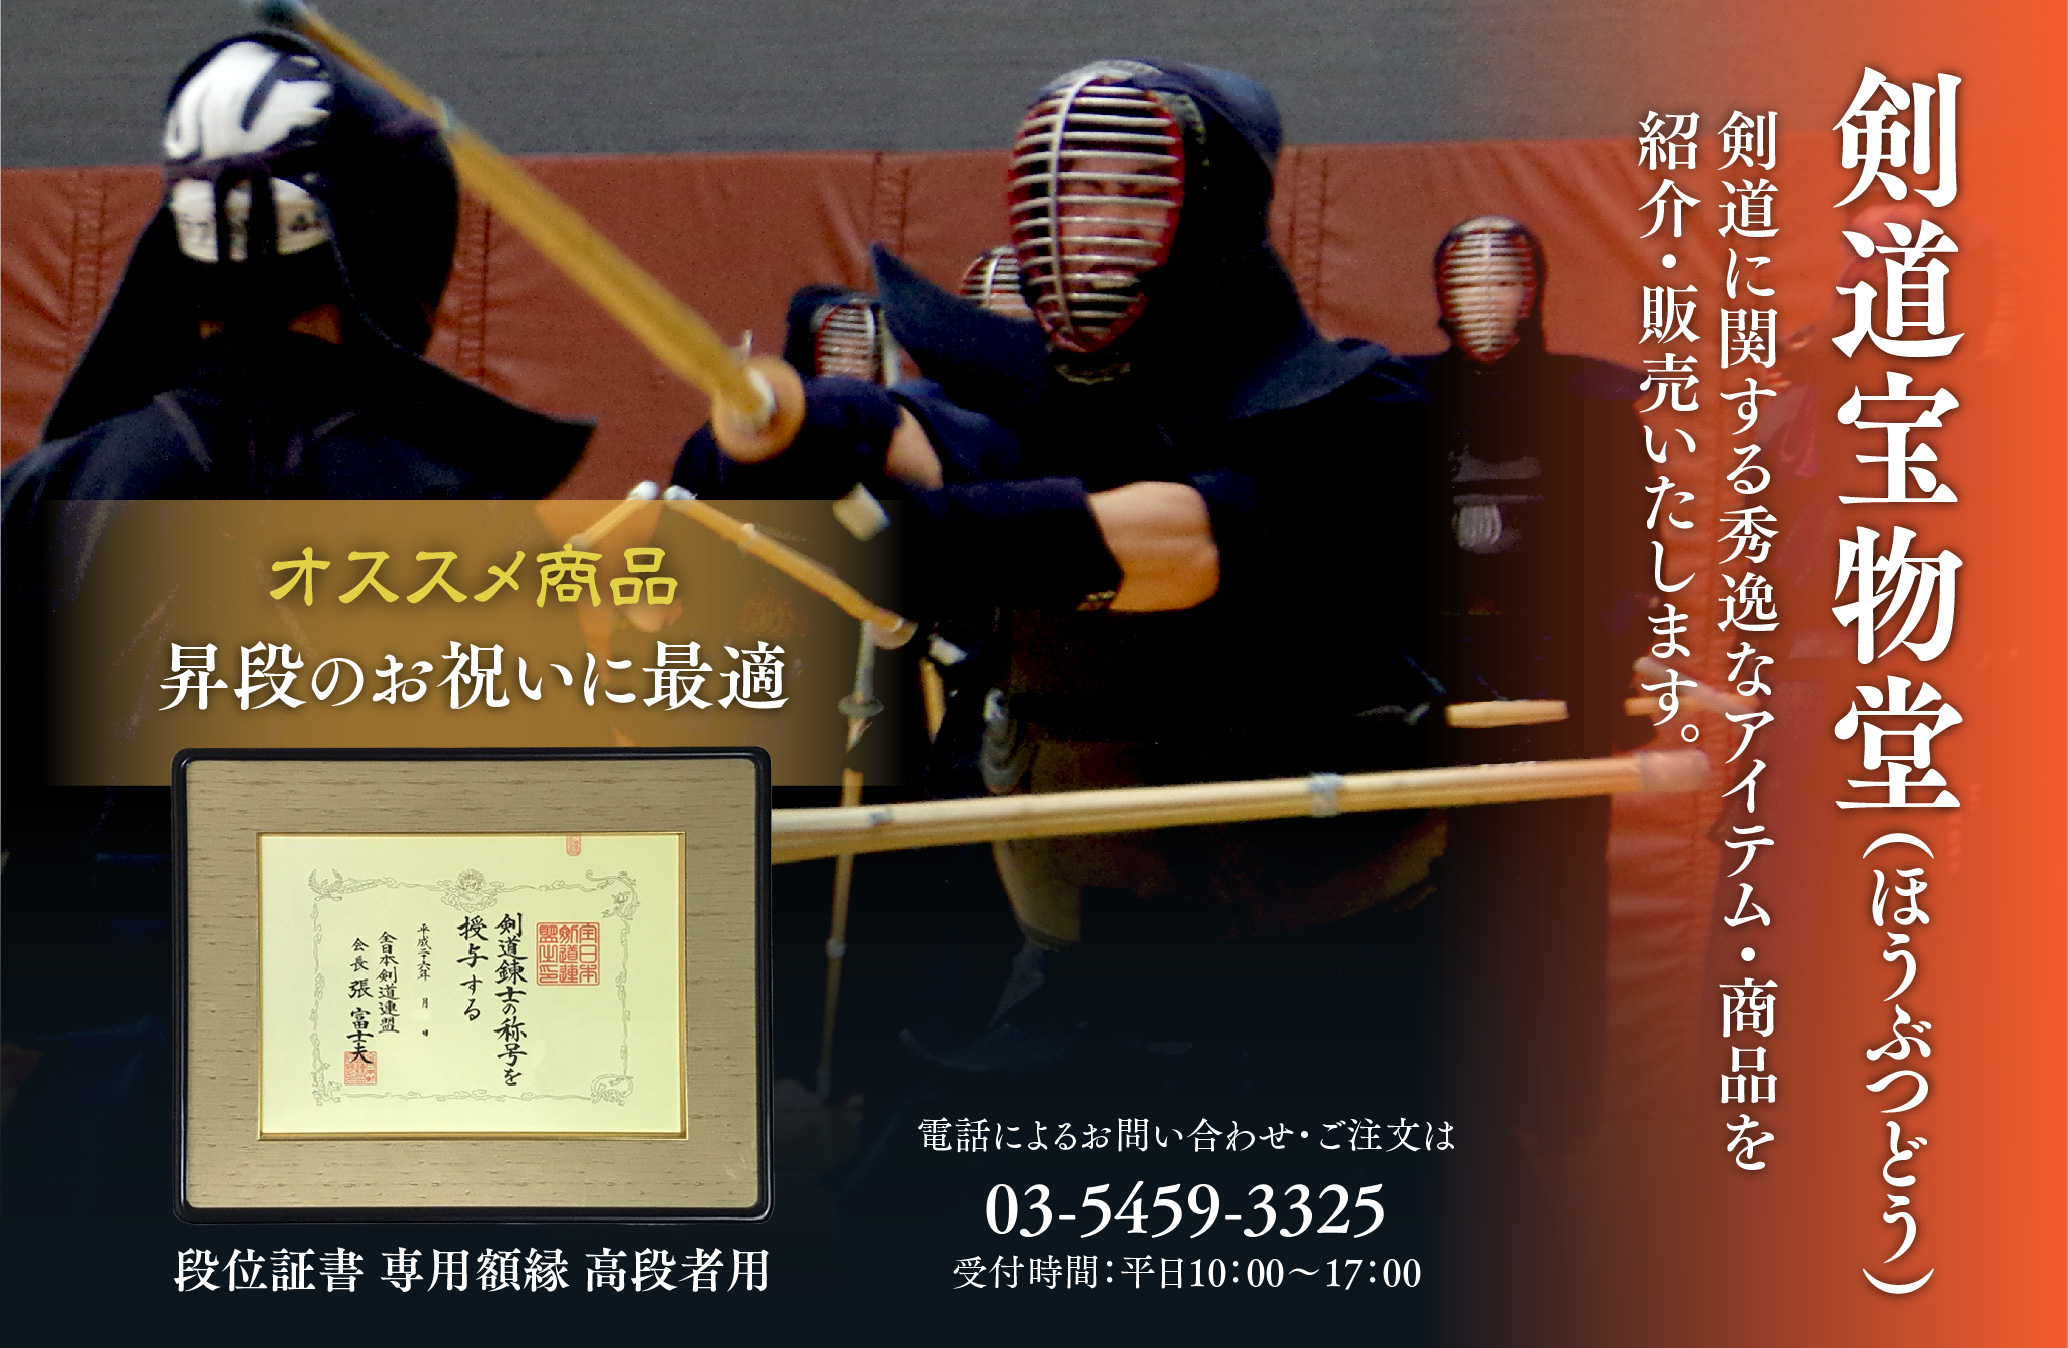 剣道宝物堂